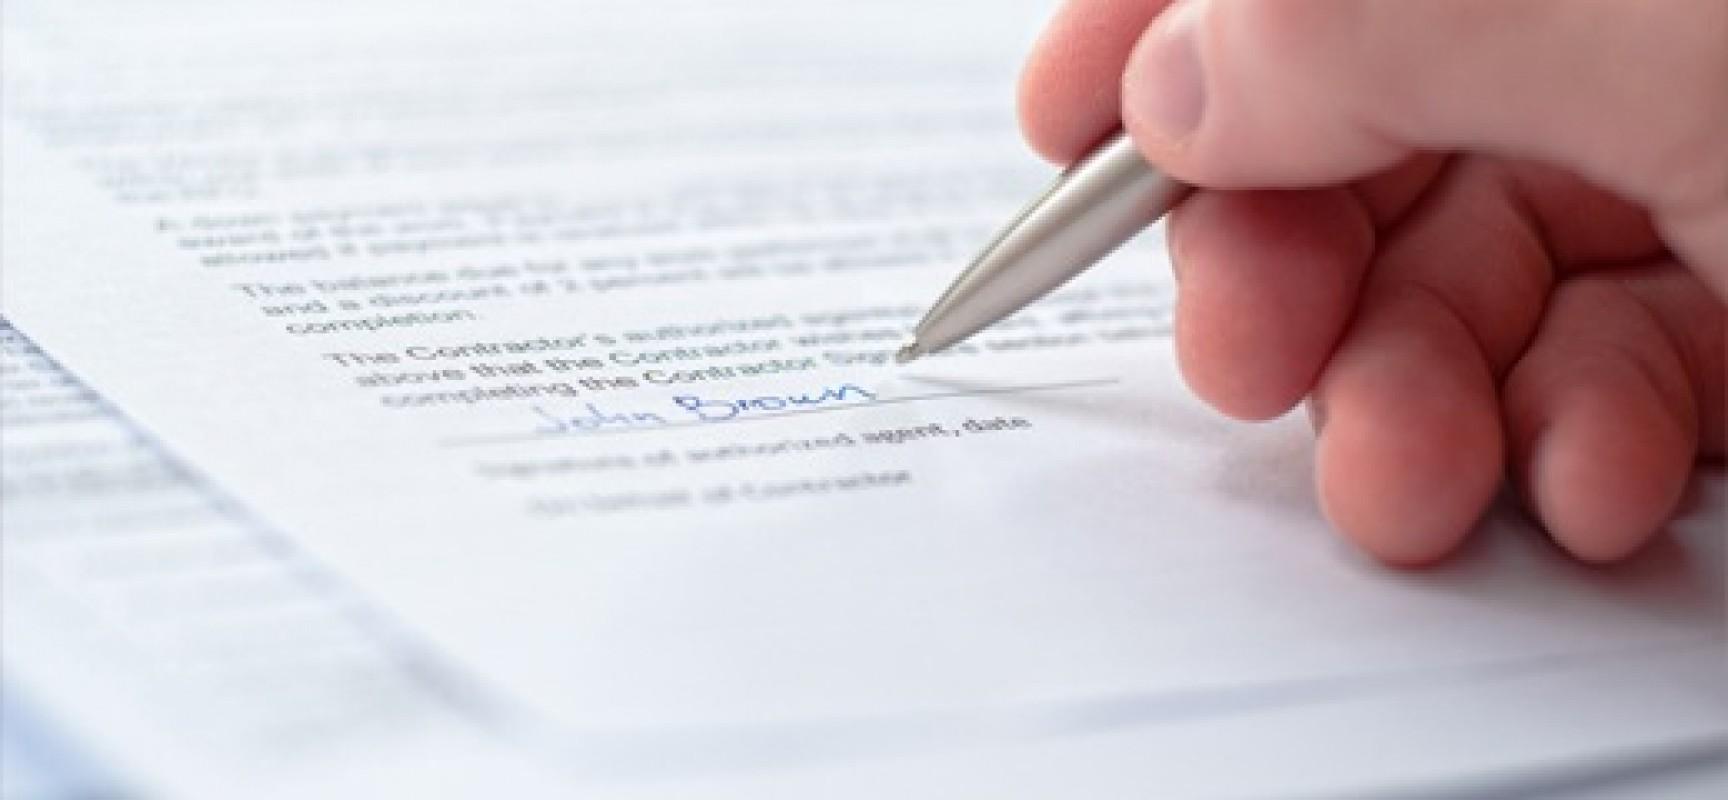 Ανακοίνωση Δικαστικής Επιτροπής ΕΟΤ (28/9/17)